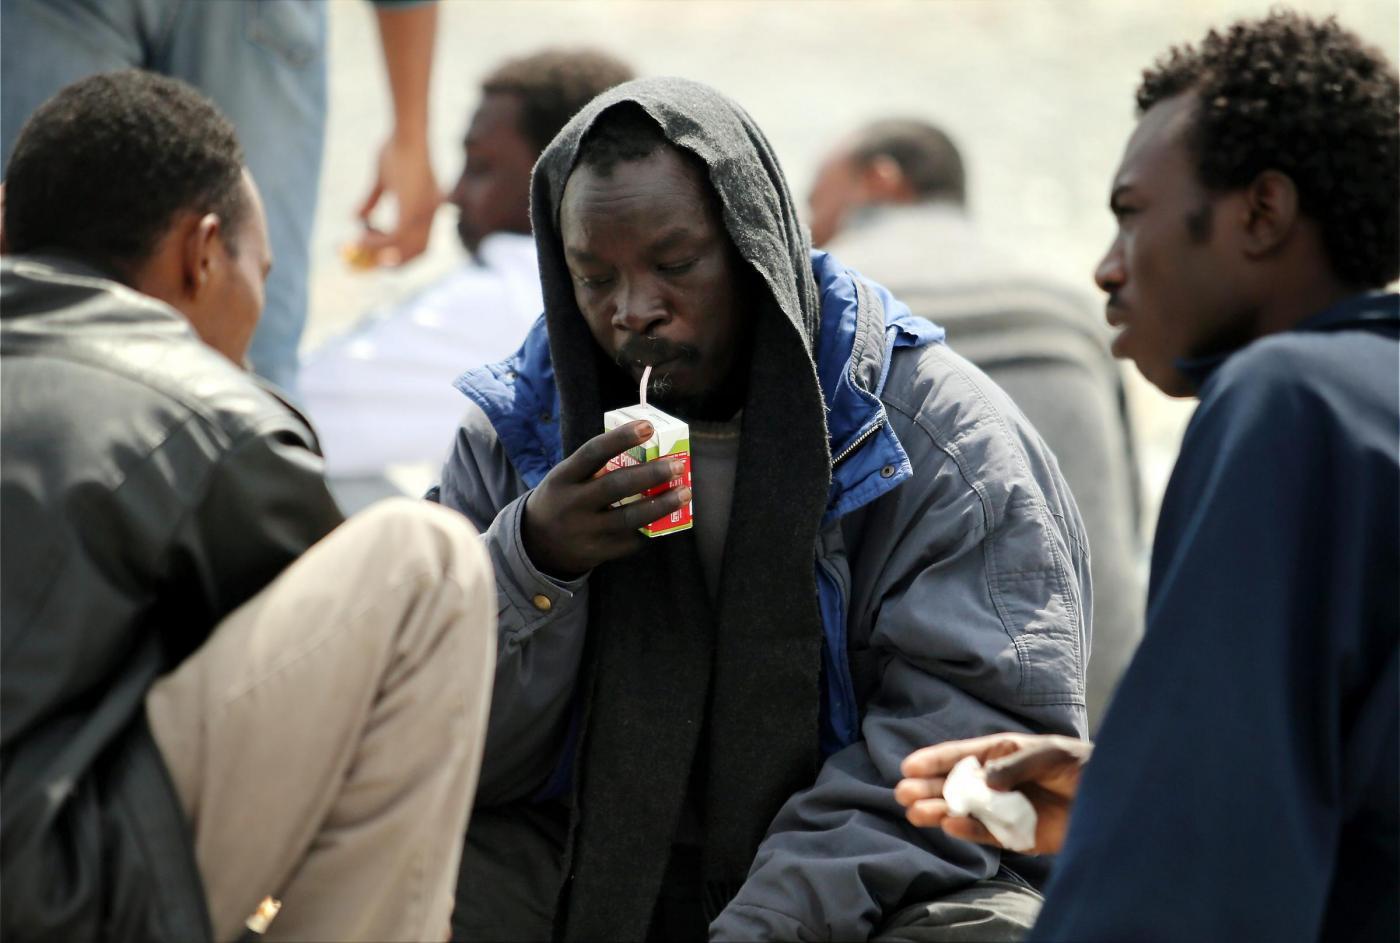 Migranti, la Norvegia offre 1000 euro ai profughi che vanno via dal Paese